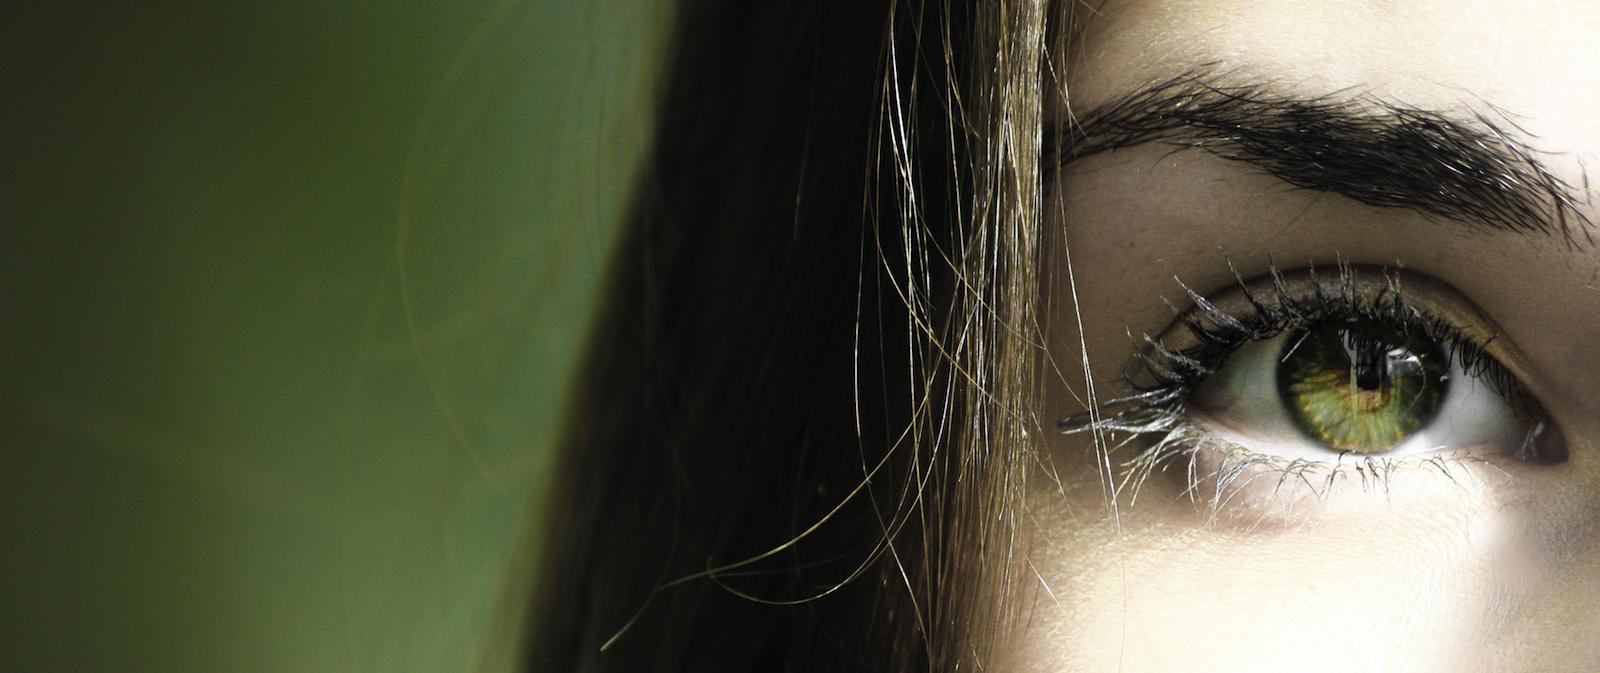 Therapie emotionale abhängigkeit Emotionale Abhängigkeit: